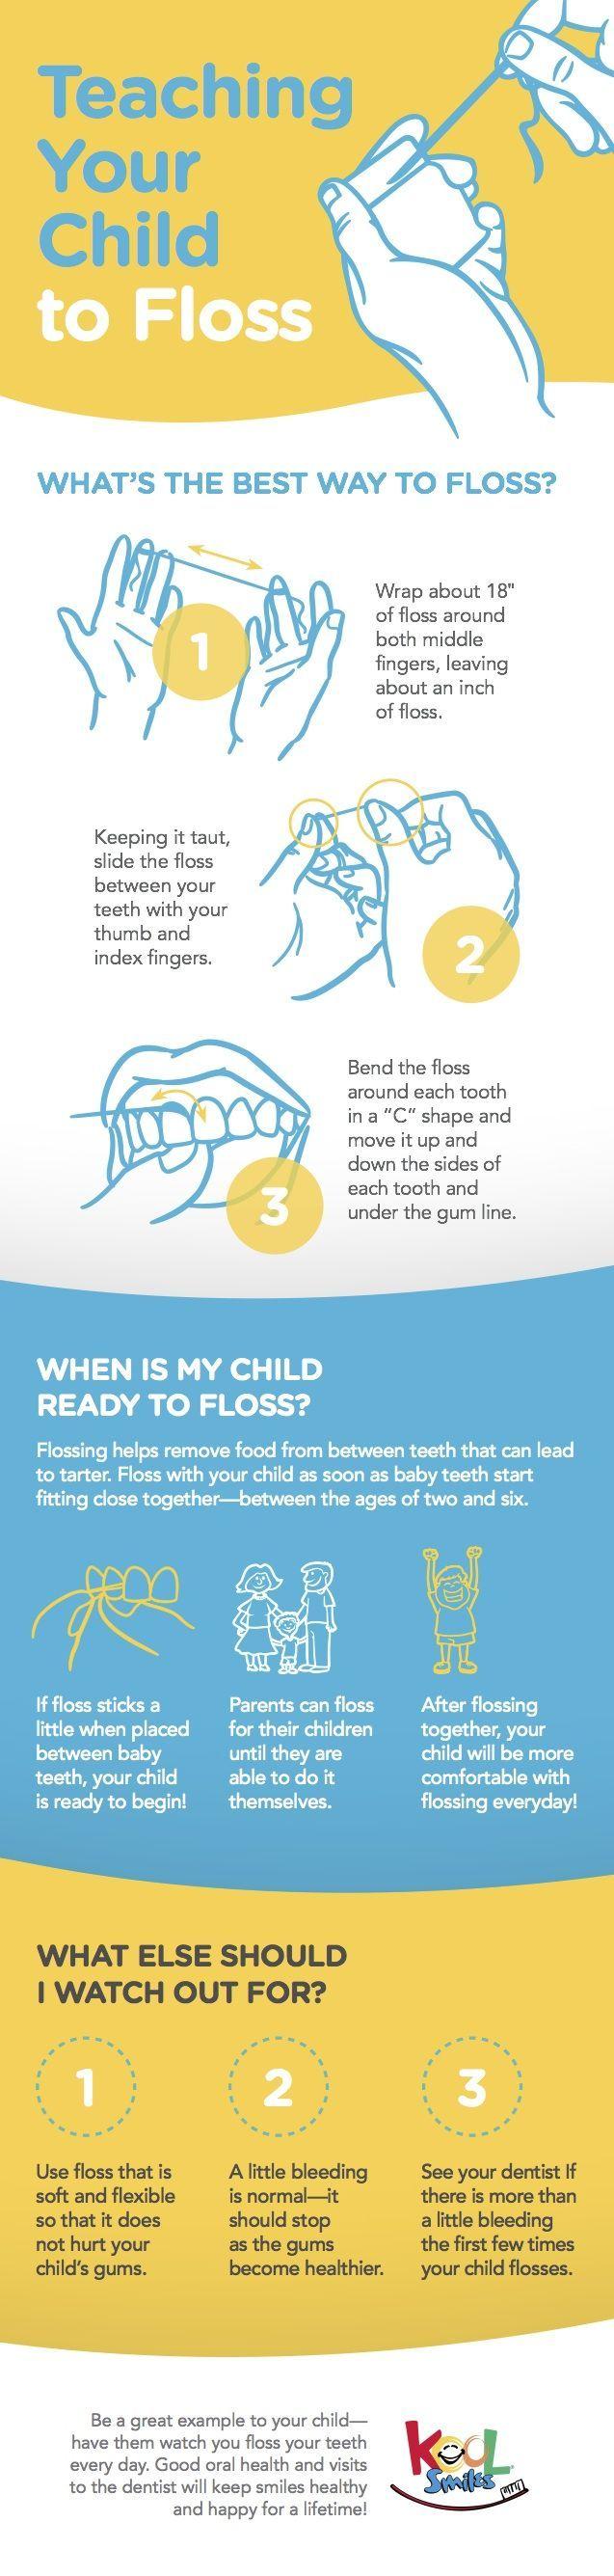 23 best Pediatric Dentistry images on Pinterest | Dental, Dental ...